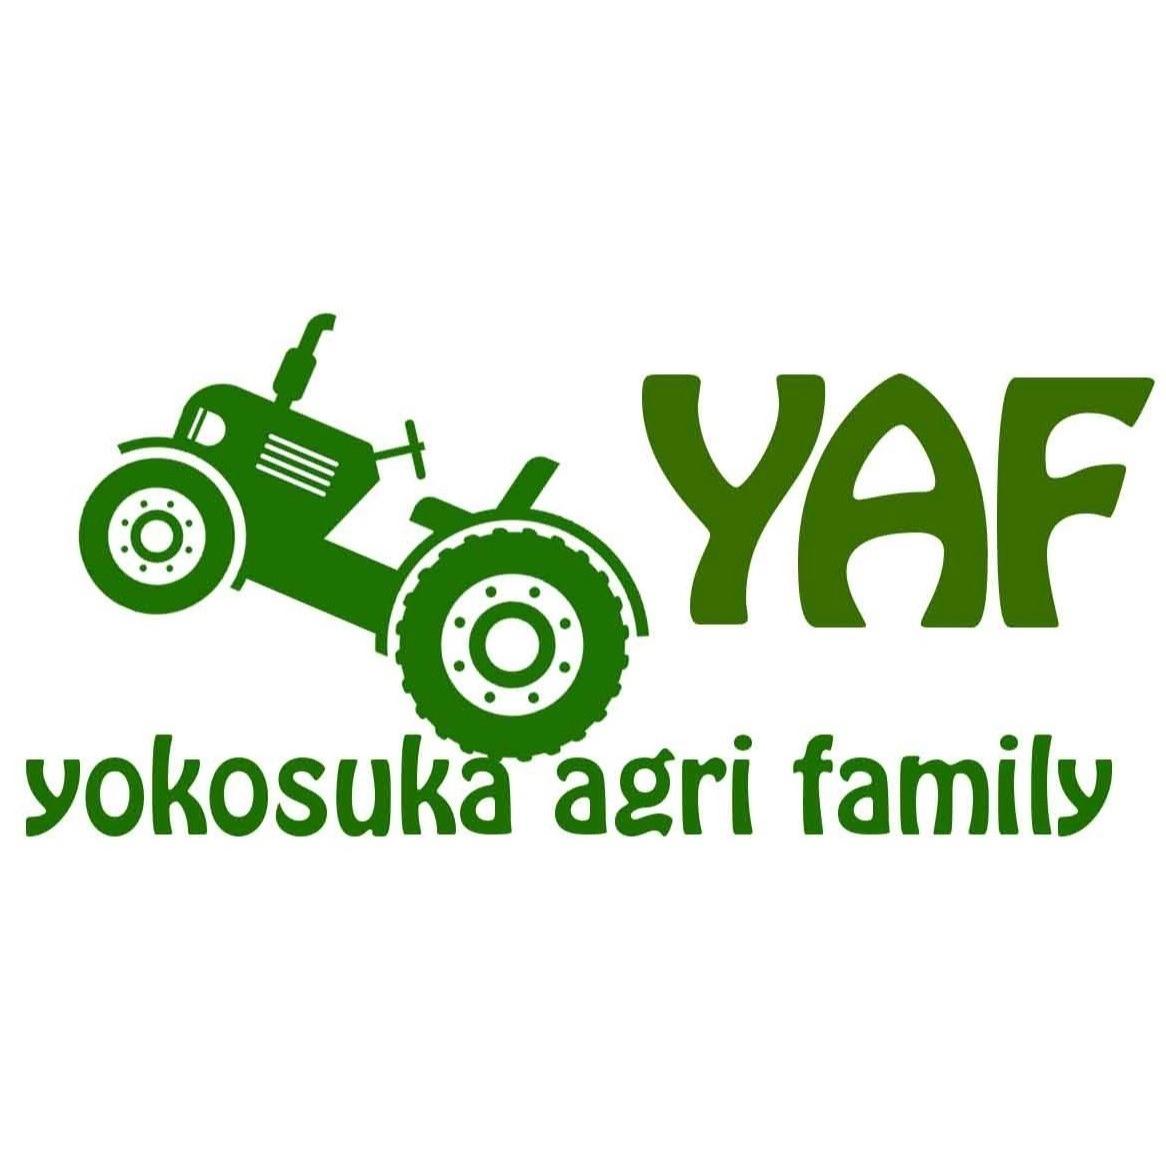 YokosukaAgriFamily (yokosukaagrifamily) Profile Image   Linktree